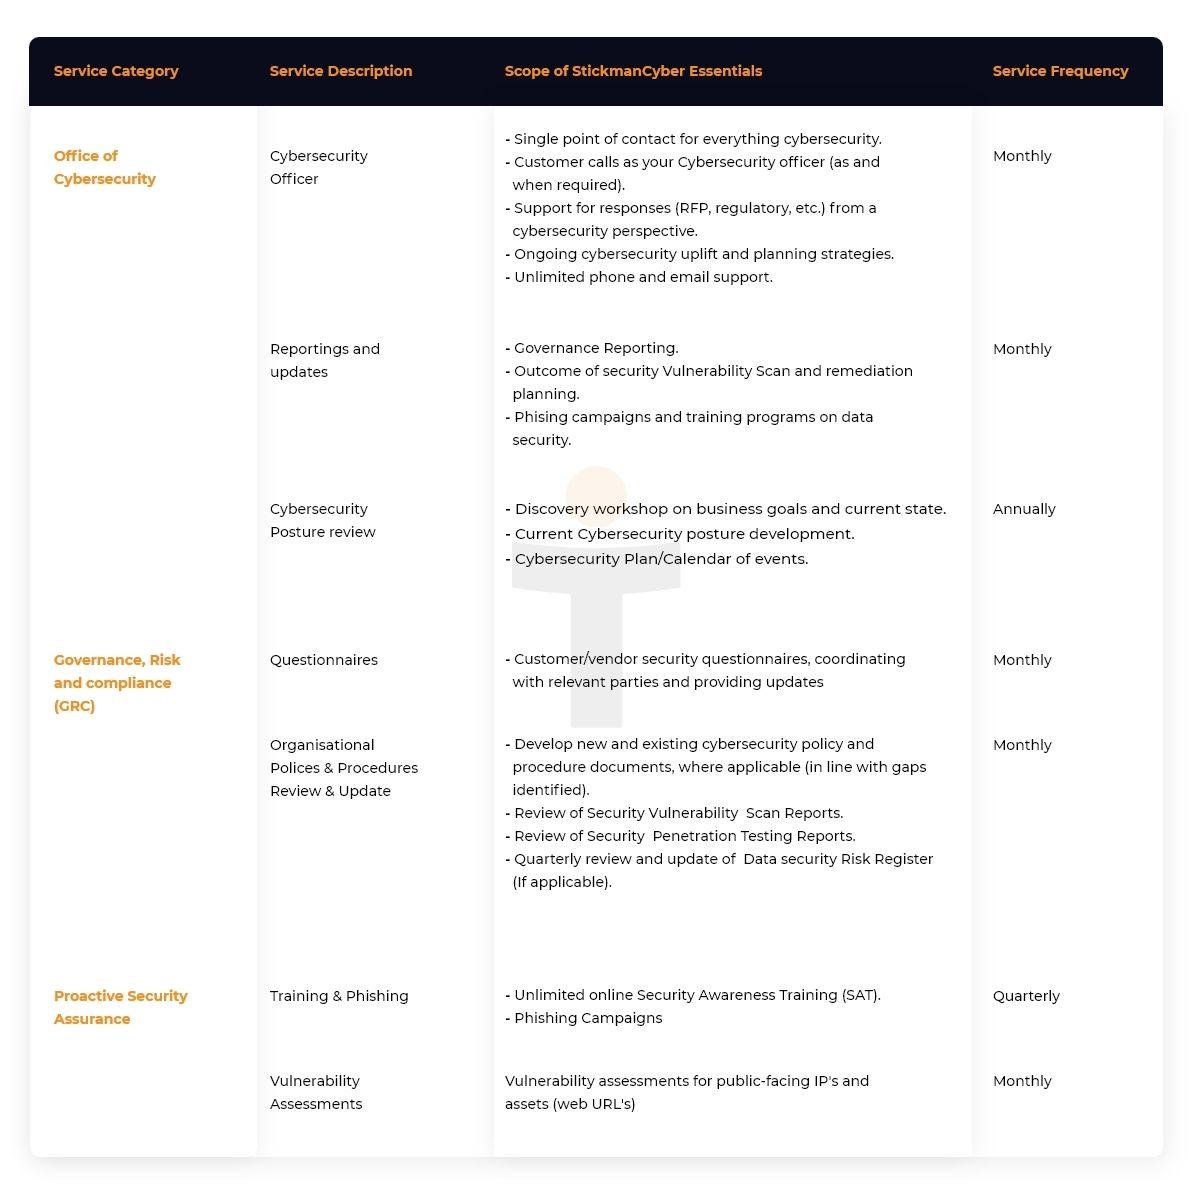 stickmancyberon-demand_-_essentials_scope_of_services_2x